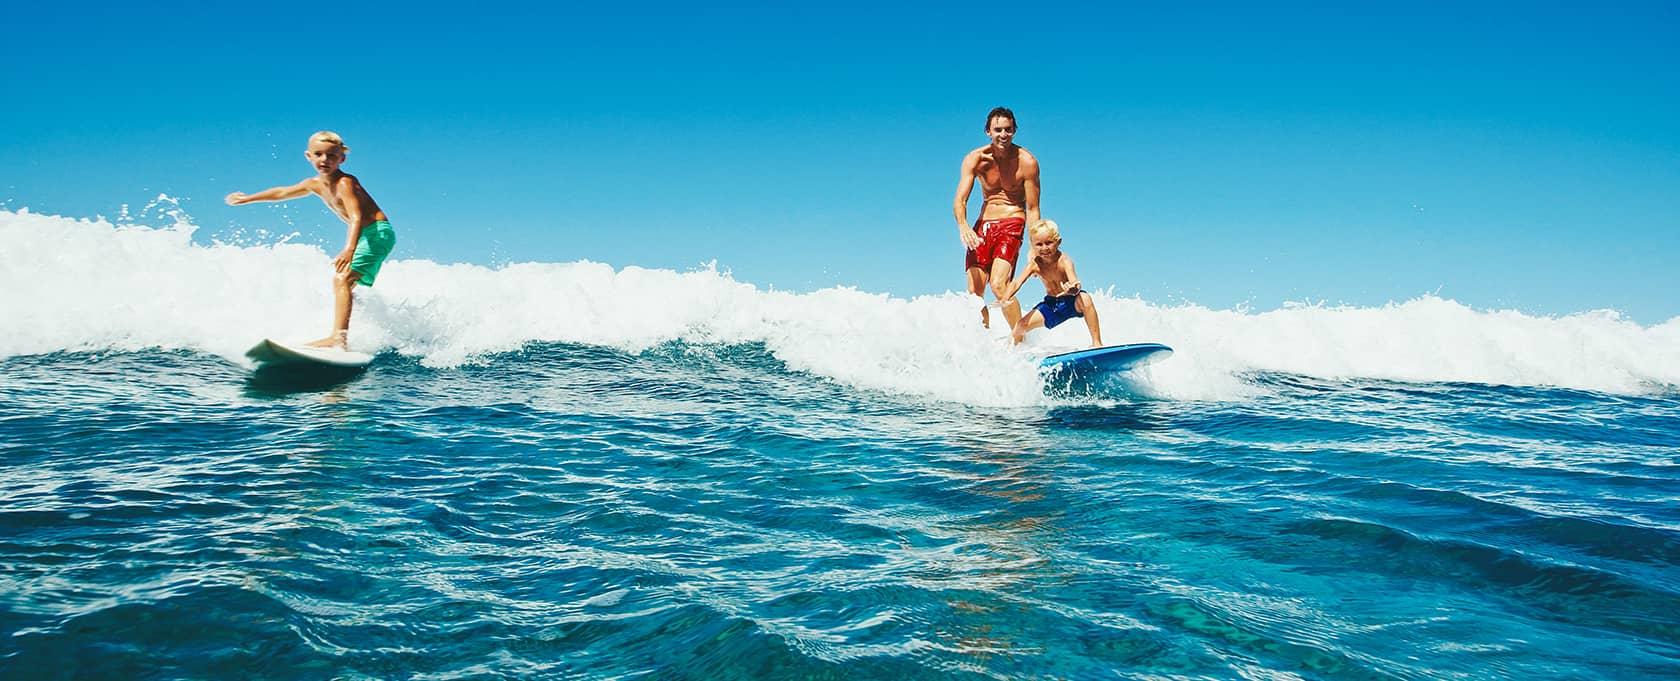 Une famille surfe sur l'océan atlantique dans les Landes